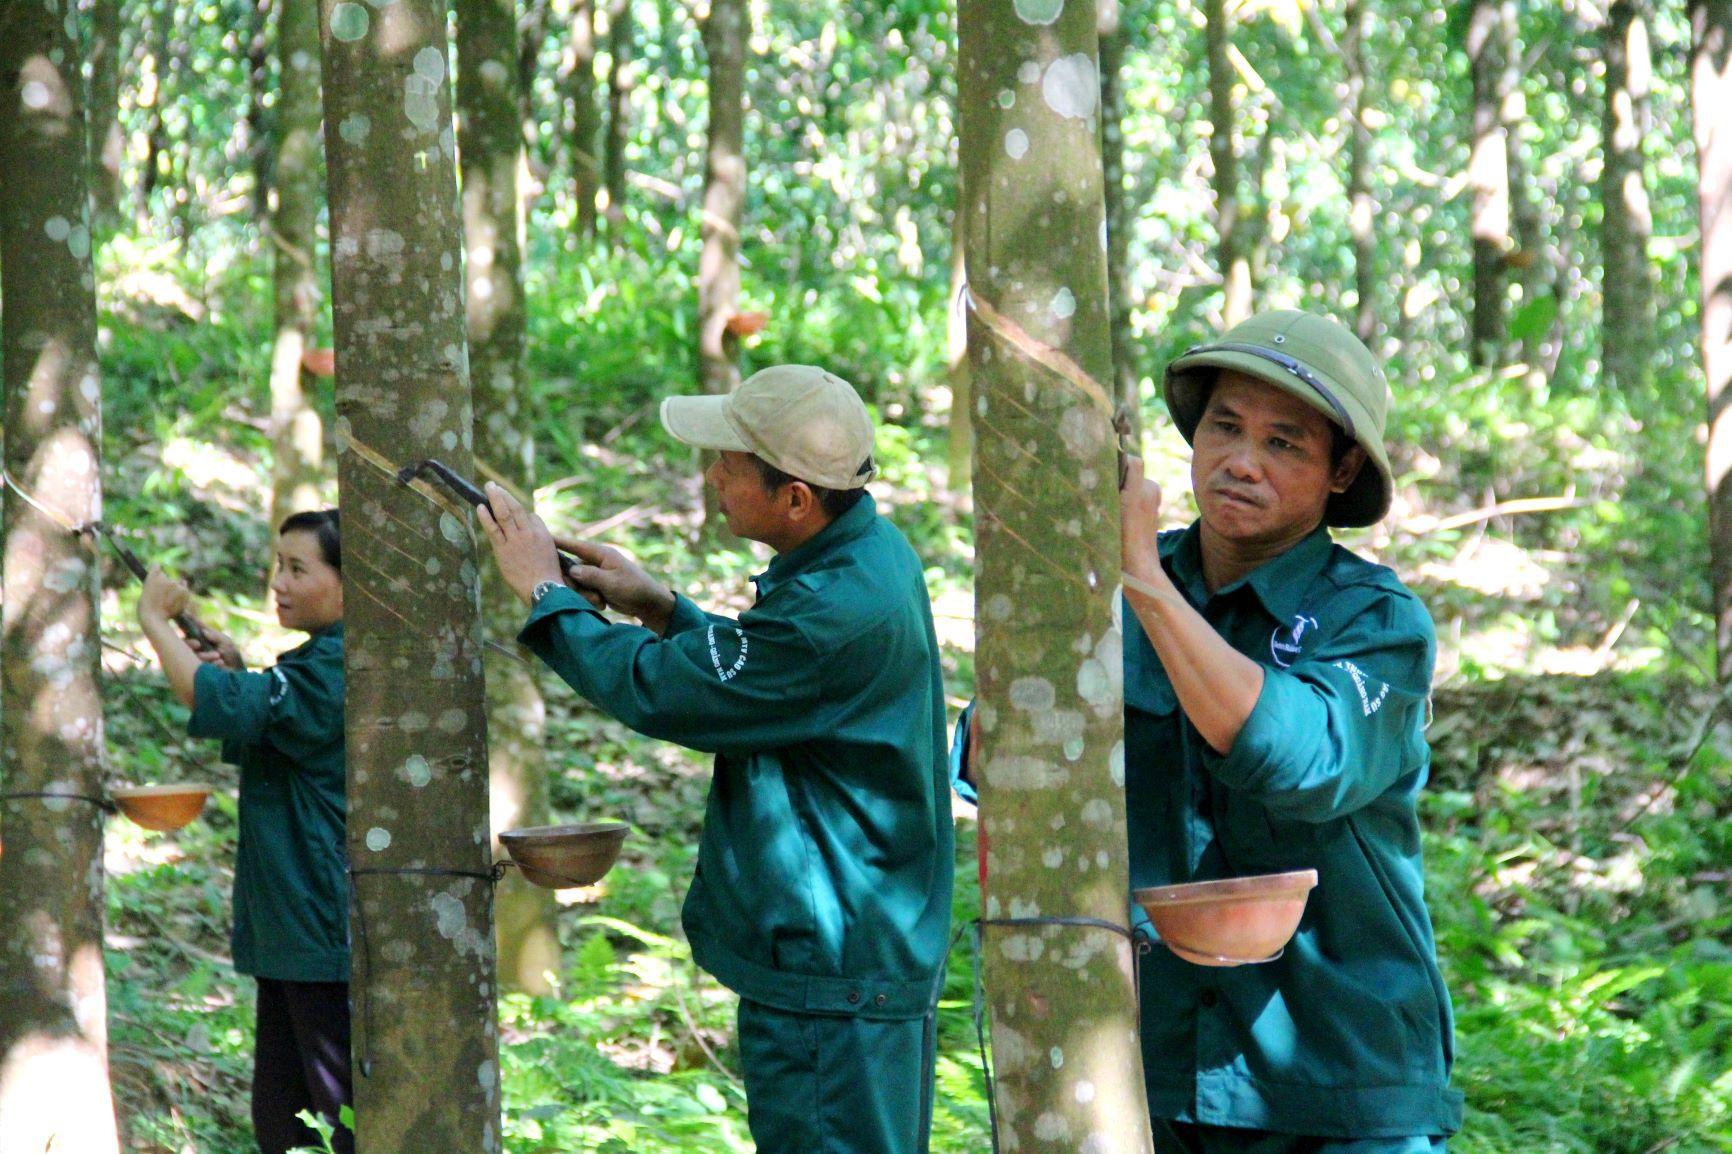 Cao su ở Tây Giang đang trong giai đoạn khai thác nhưng thu nhập của người dân góp đất vẫn rất thấp. Ảnh:T.V